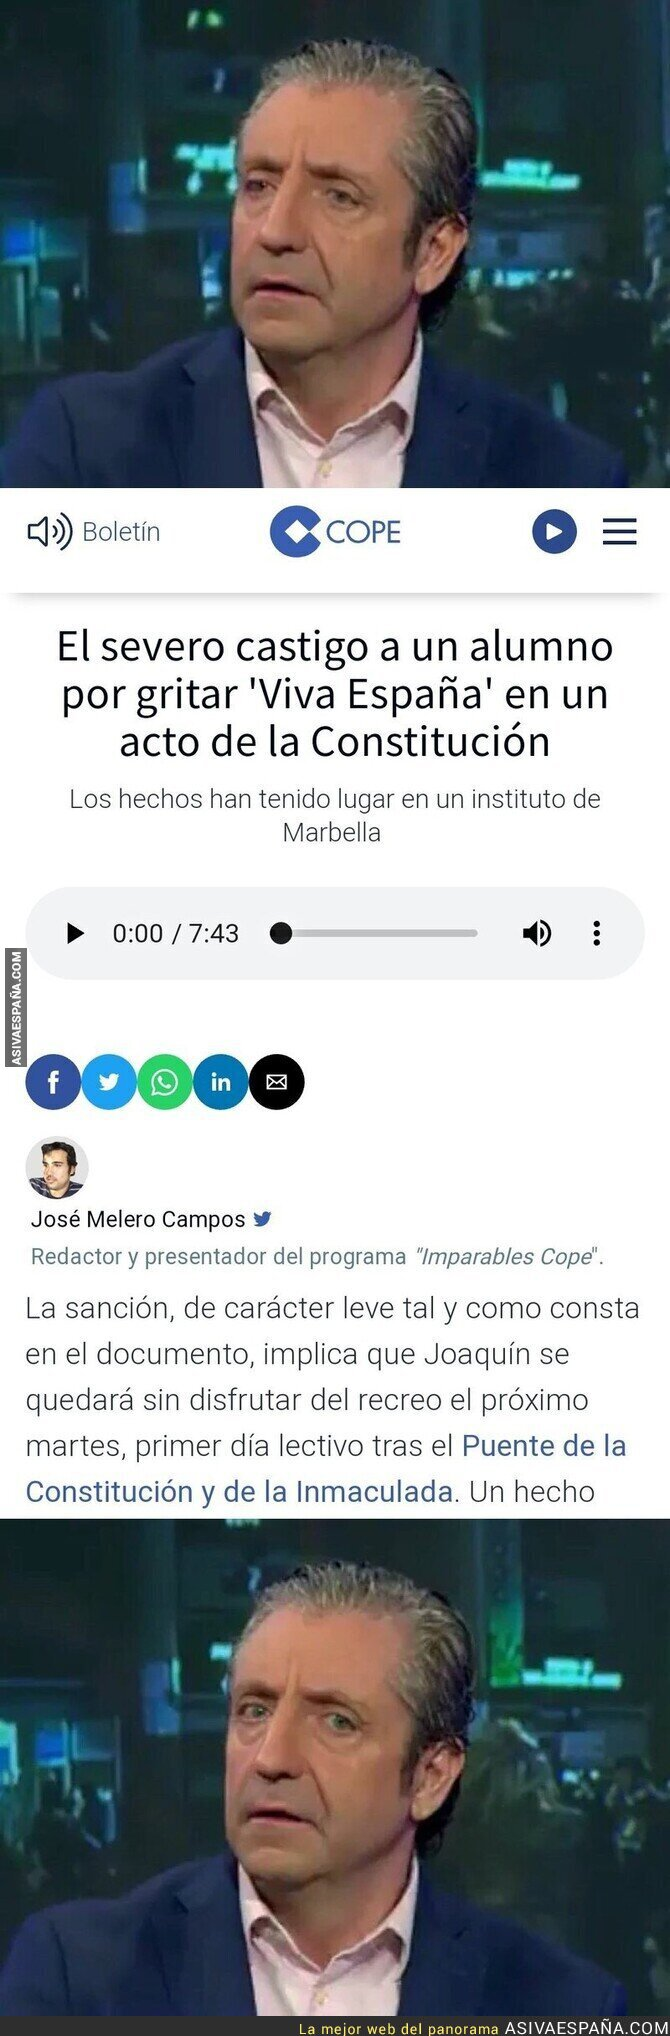 129242 - El tremendo castigo por gritar 'Viva España' en un acto de la Constitución